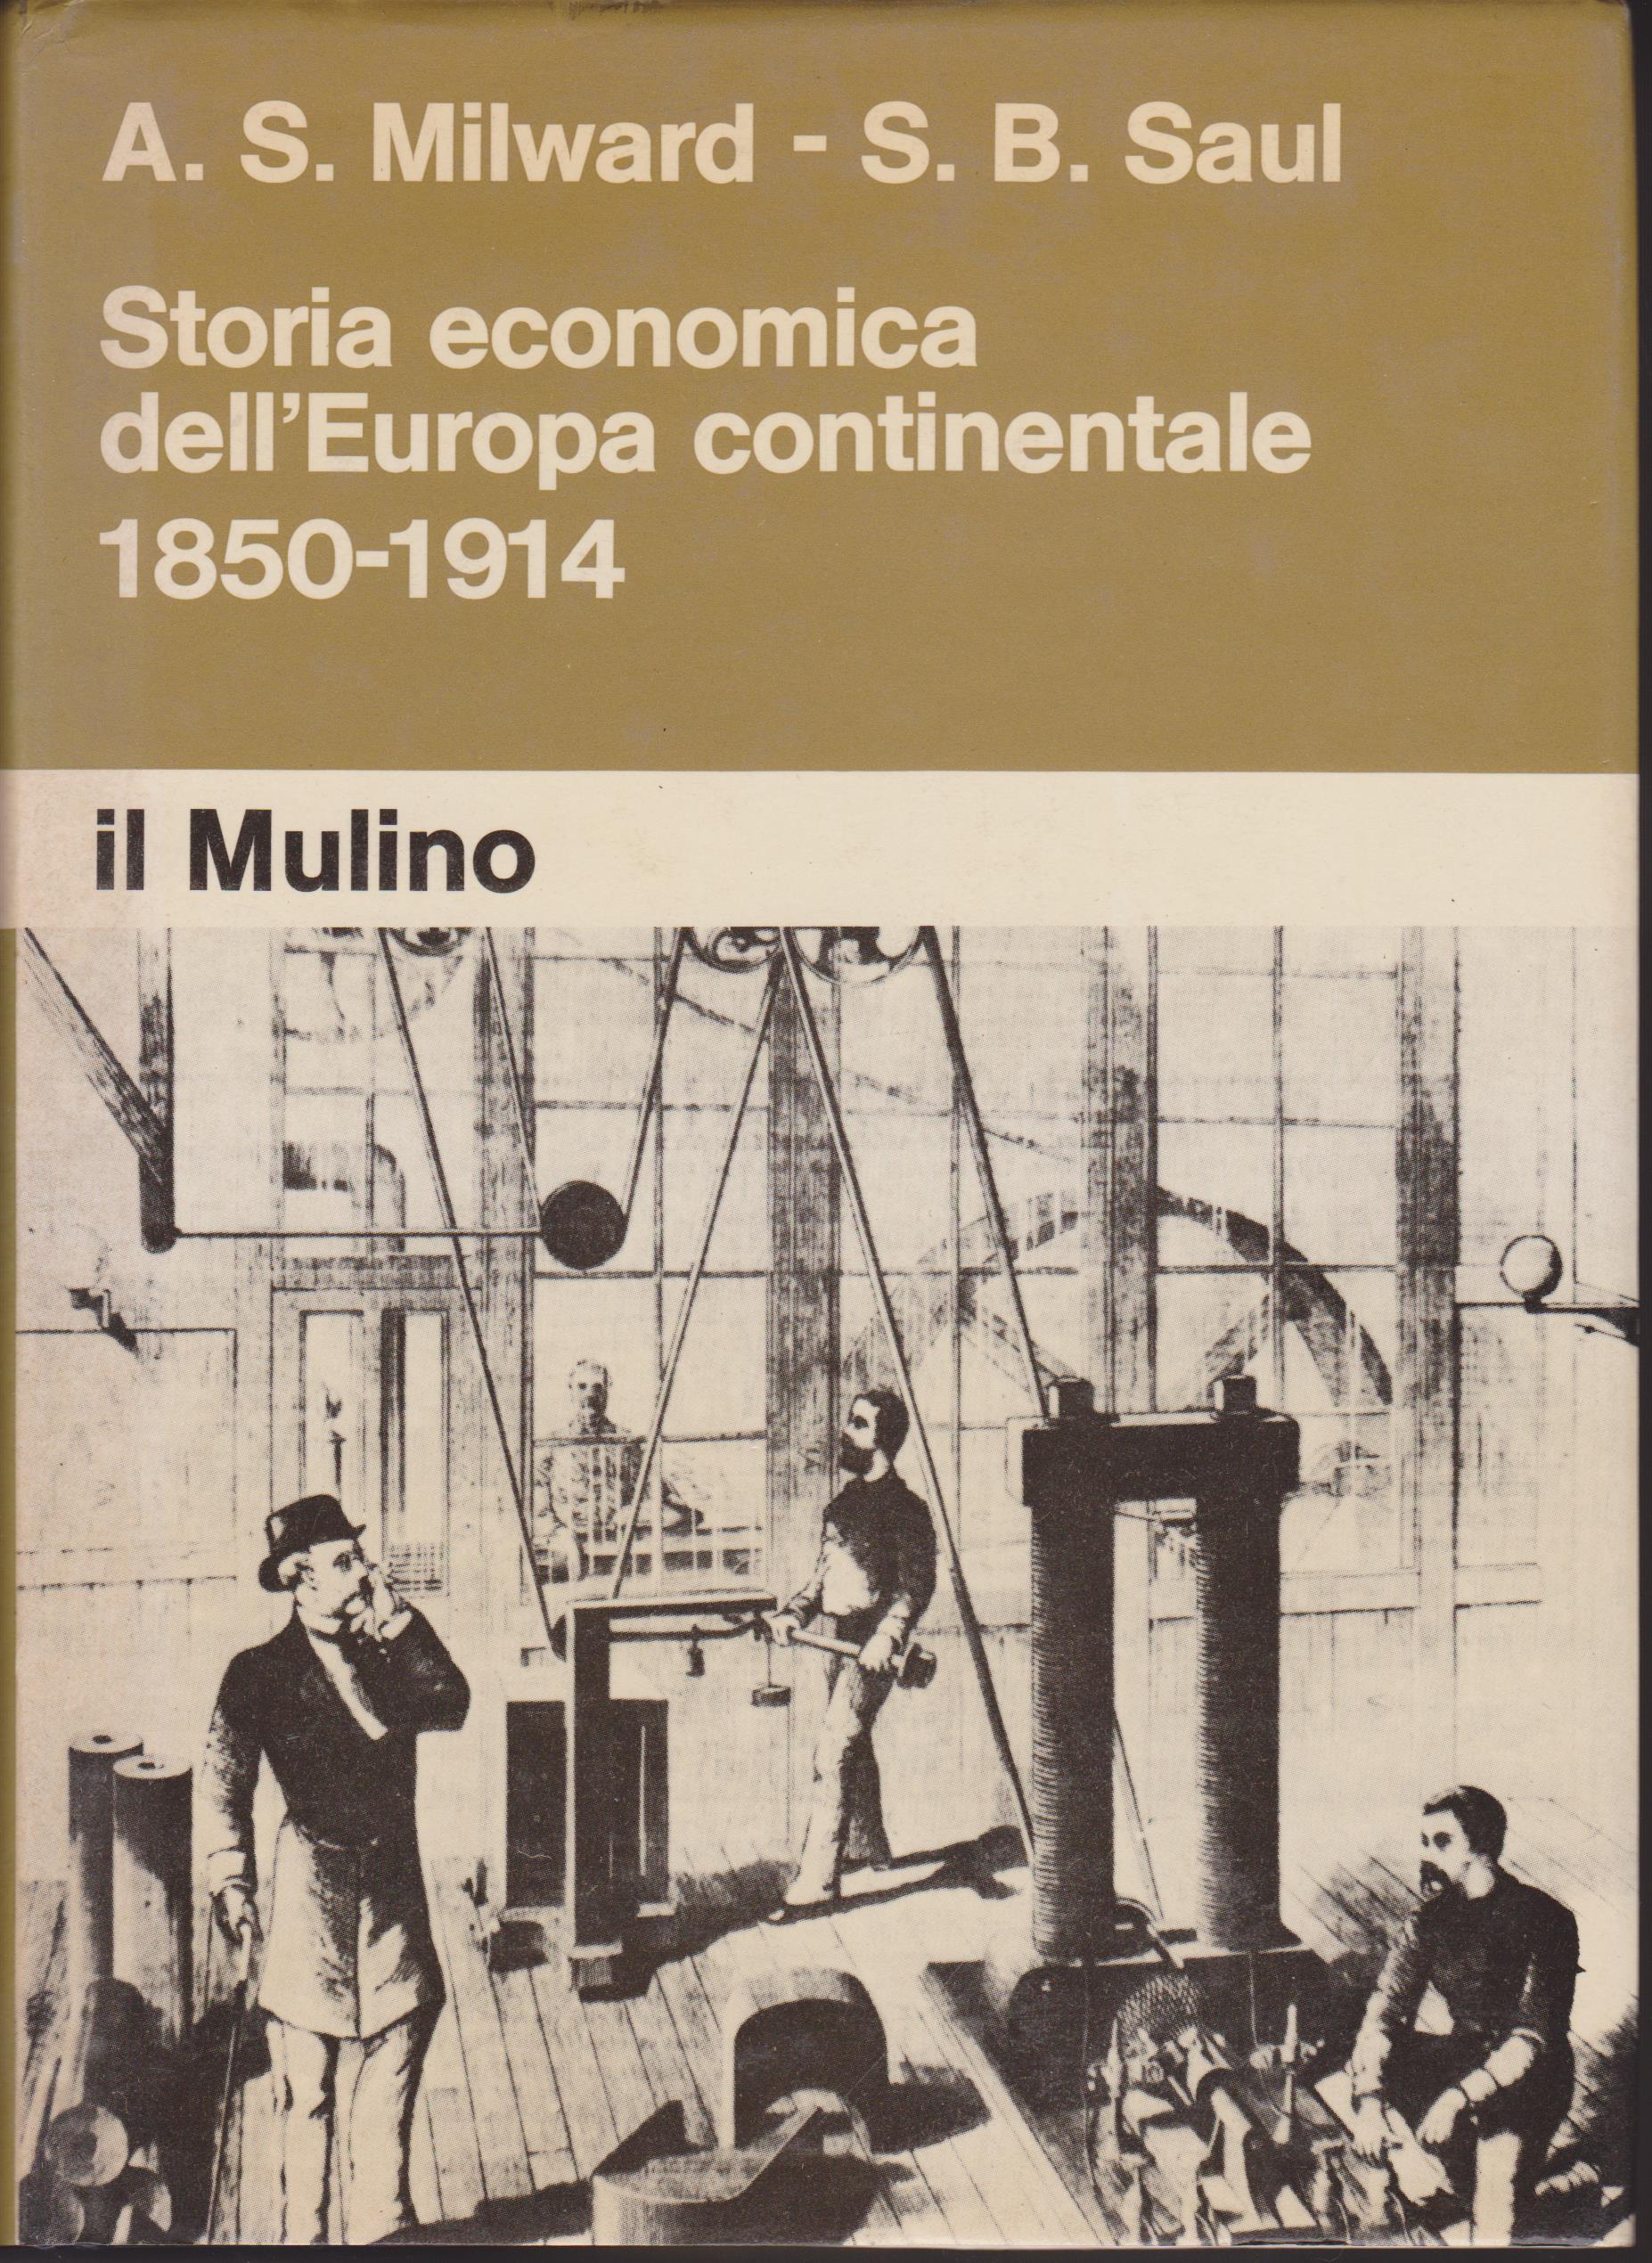 Storia economica dell'Europa continentale 1850-1914